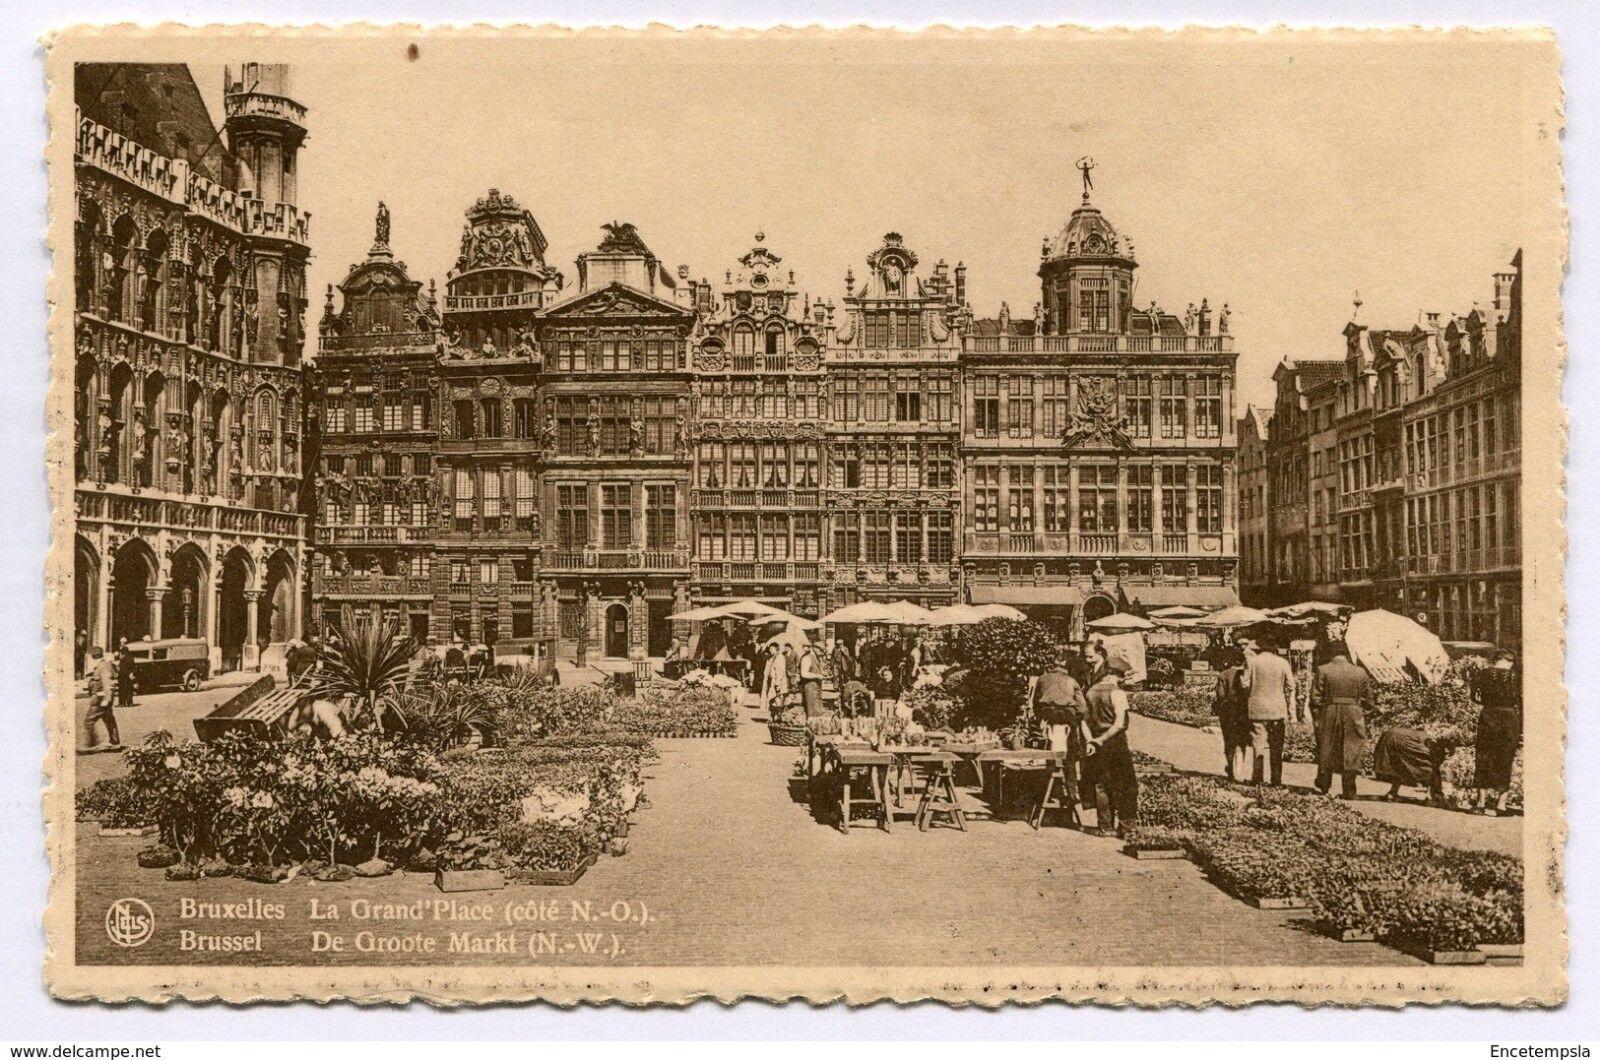 CPA-Carte postale-Belgique-Bruxelles -Grand place (CP2147)